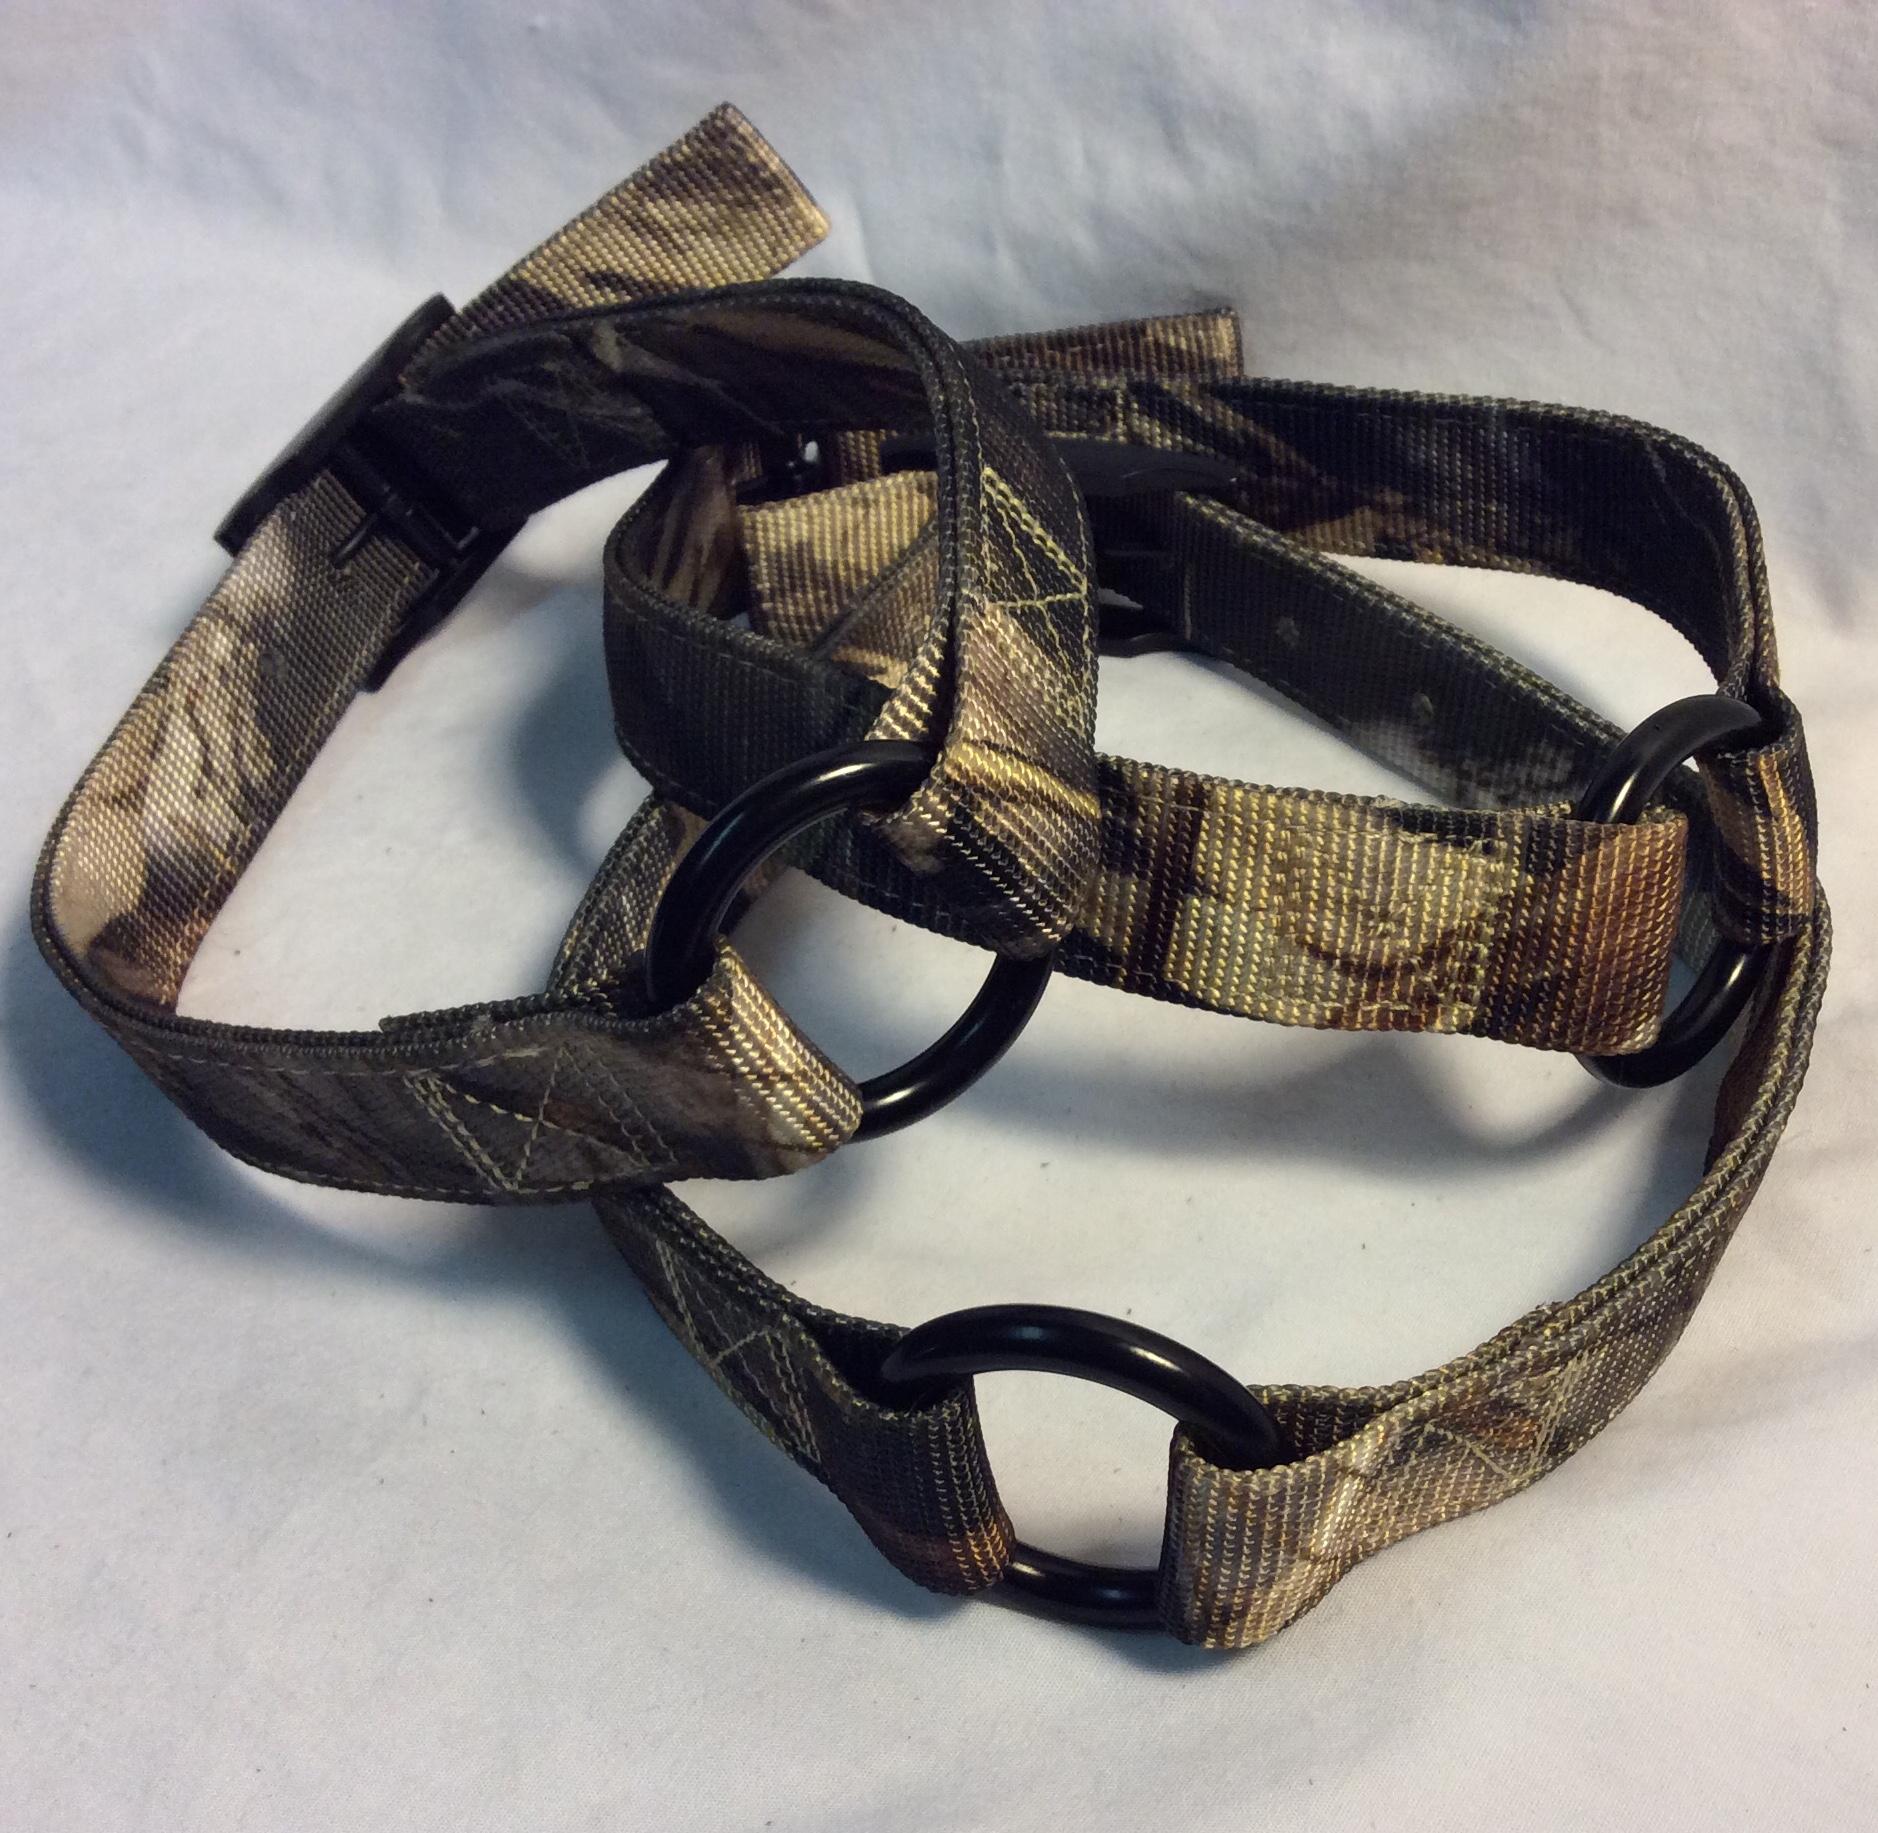 Camo nylon dog collar with metal buckle